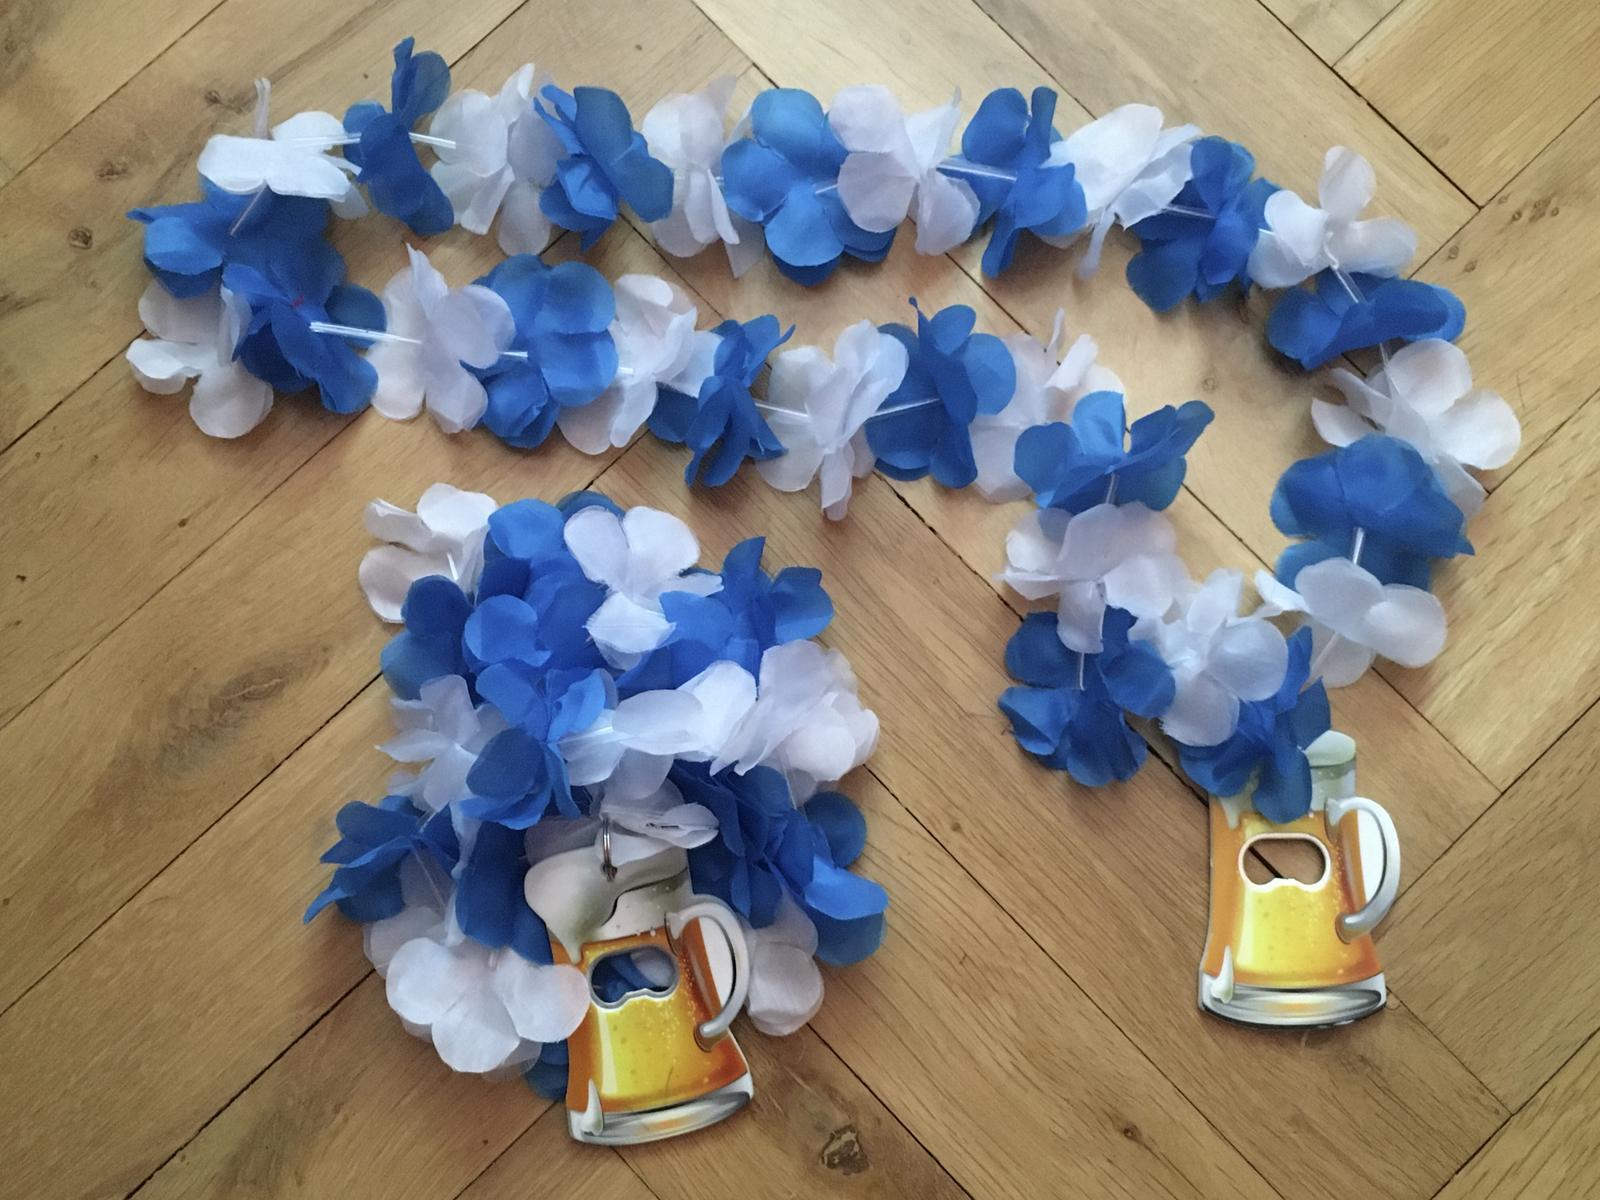 2 Modro-bílé havajské věnce s otvírákem na pivo - Obrázek č. 1